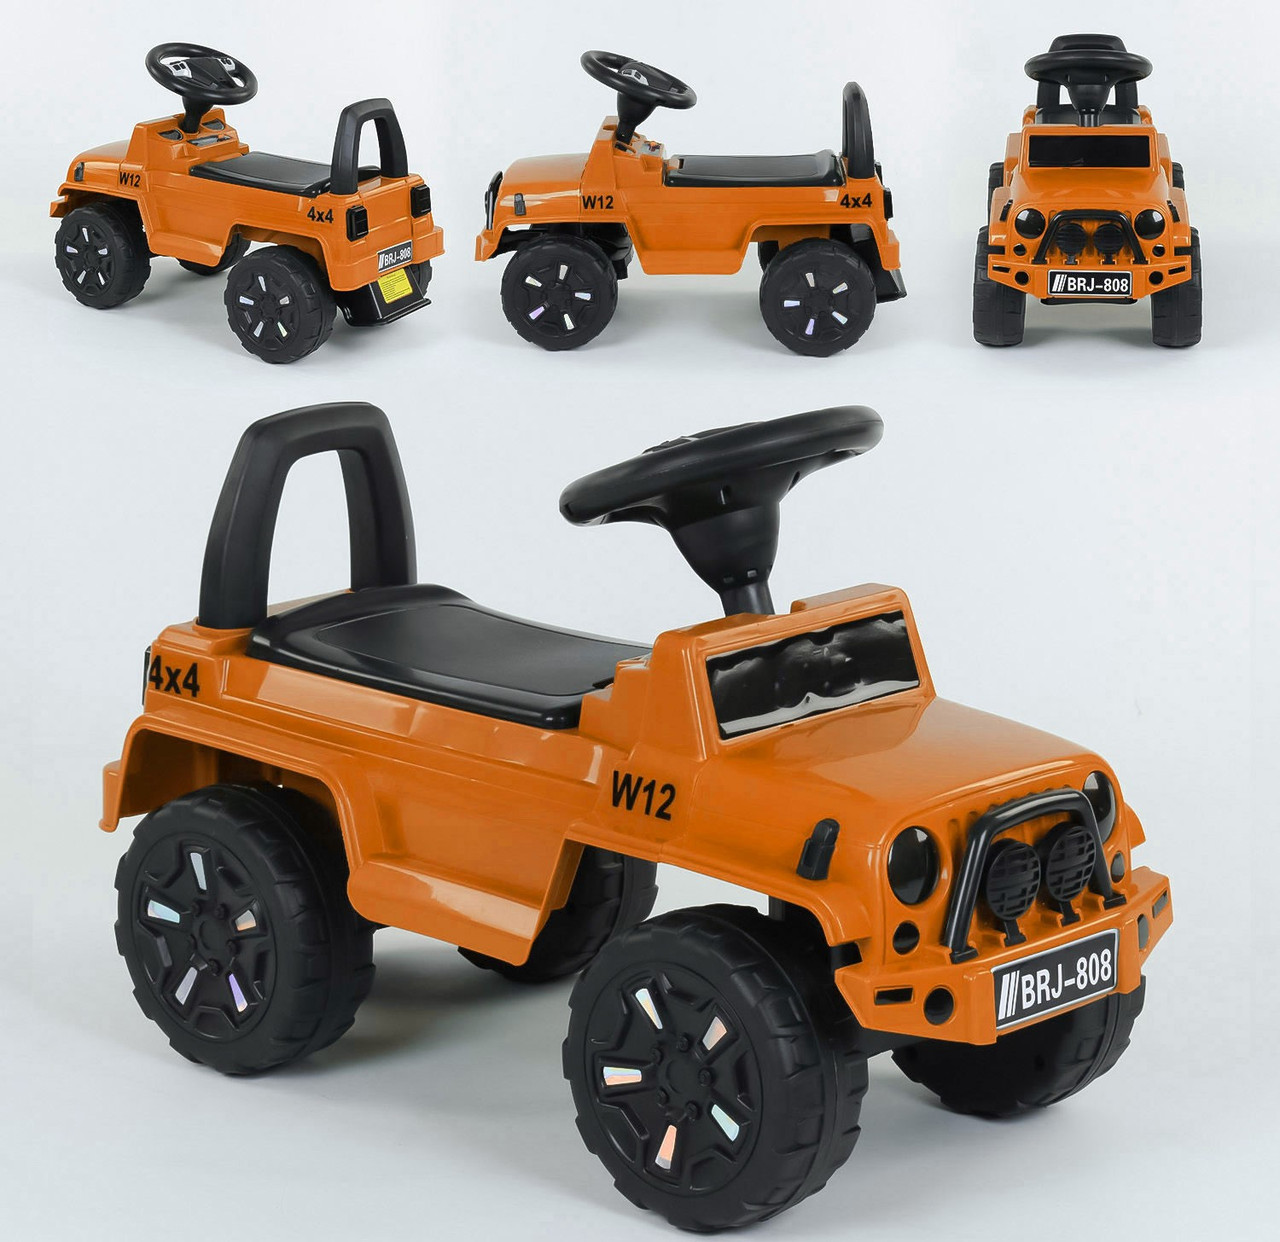 Детский толокар JOY 808 G-8109 Оранжевый, русское озвучивание, световые эффекты, багажник